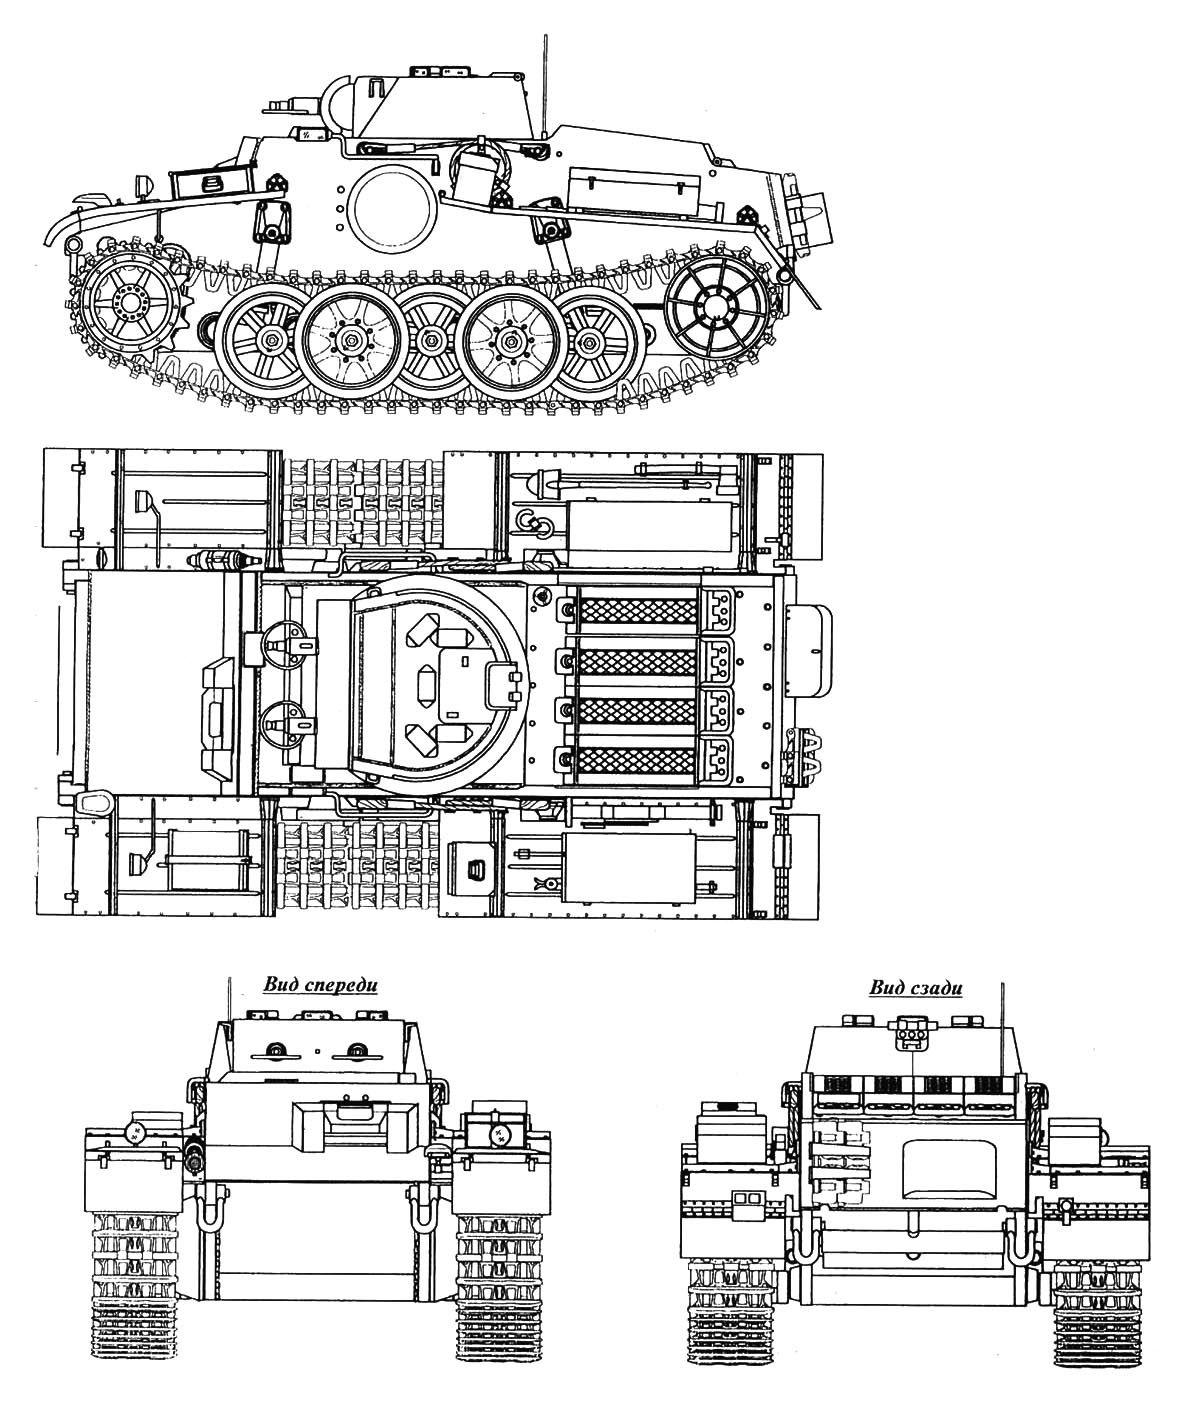 Немецкие танки времен Второй мировой войны. Немецкий пехотный штурмовой танк Pz I Ausf F